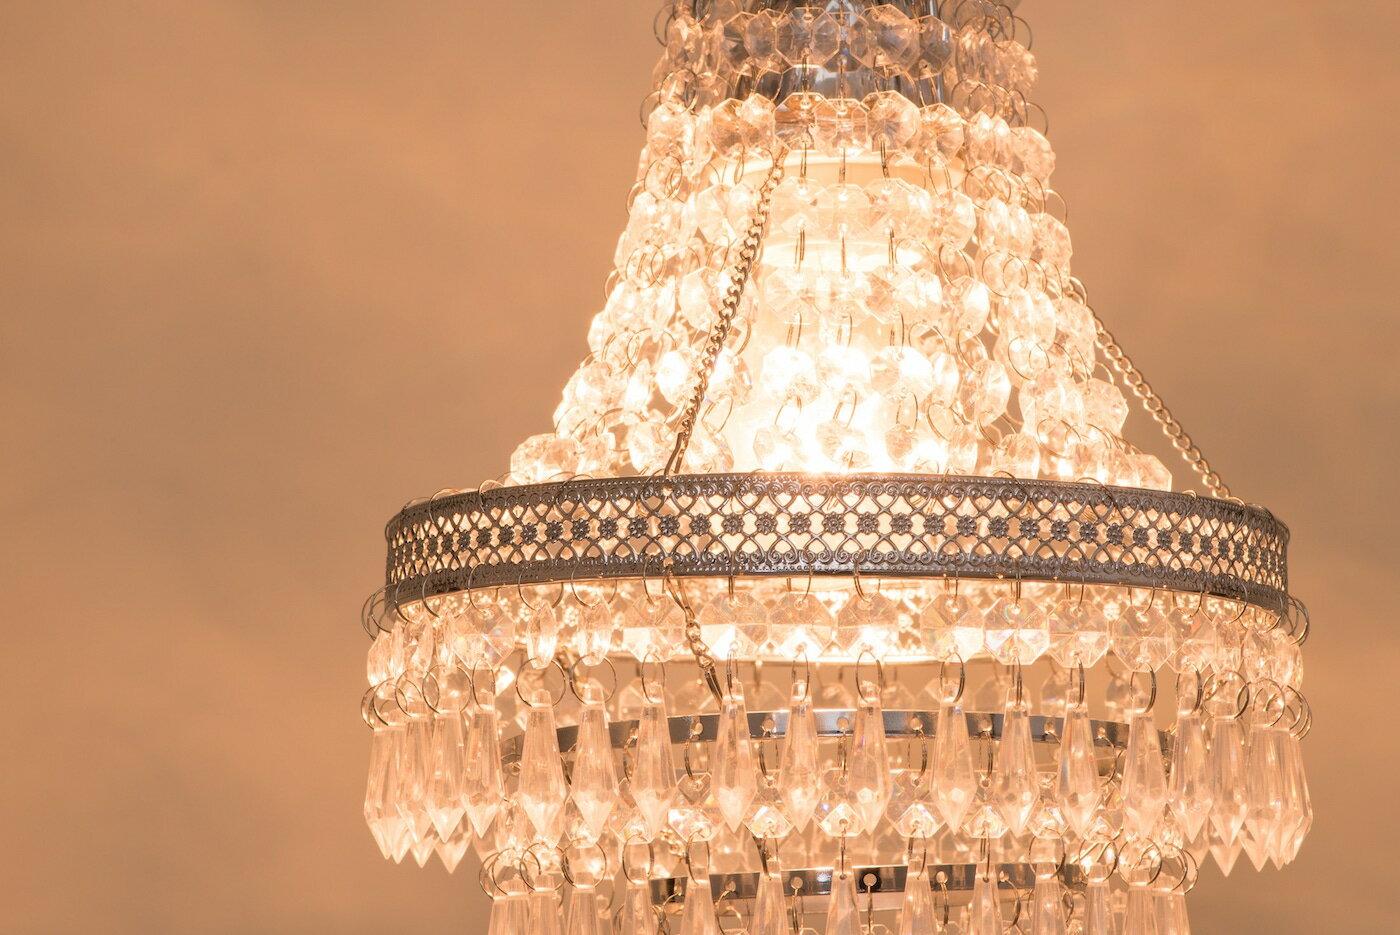 鍍鉻色華麗透明壓克力珠吊燈-BNL00022 5